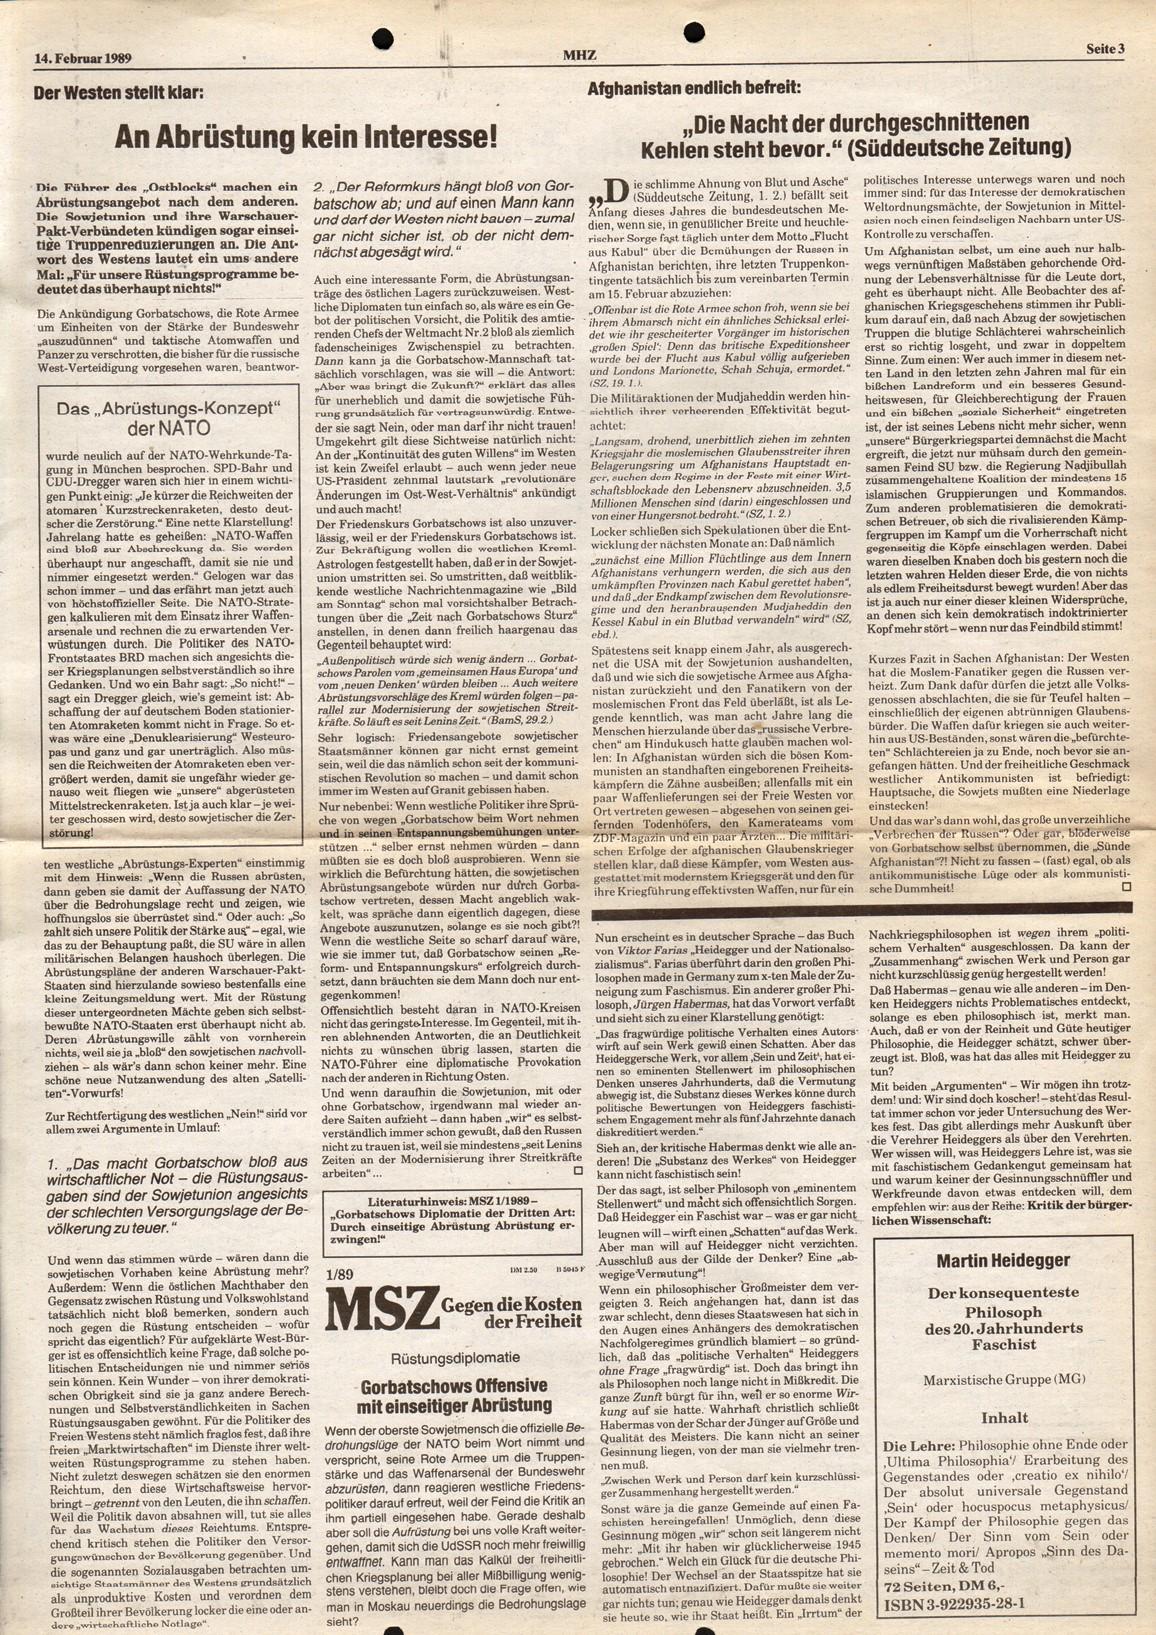 Muenchen_MG_Hochschulzeitung_19890214_03